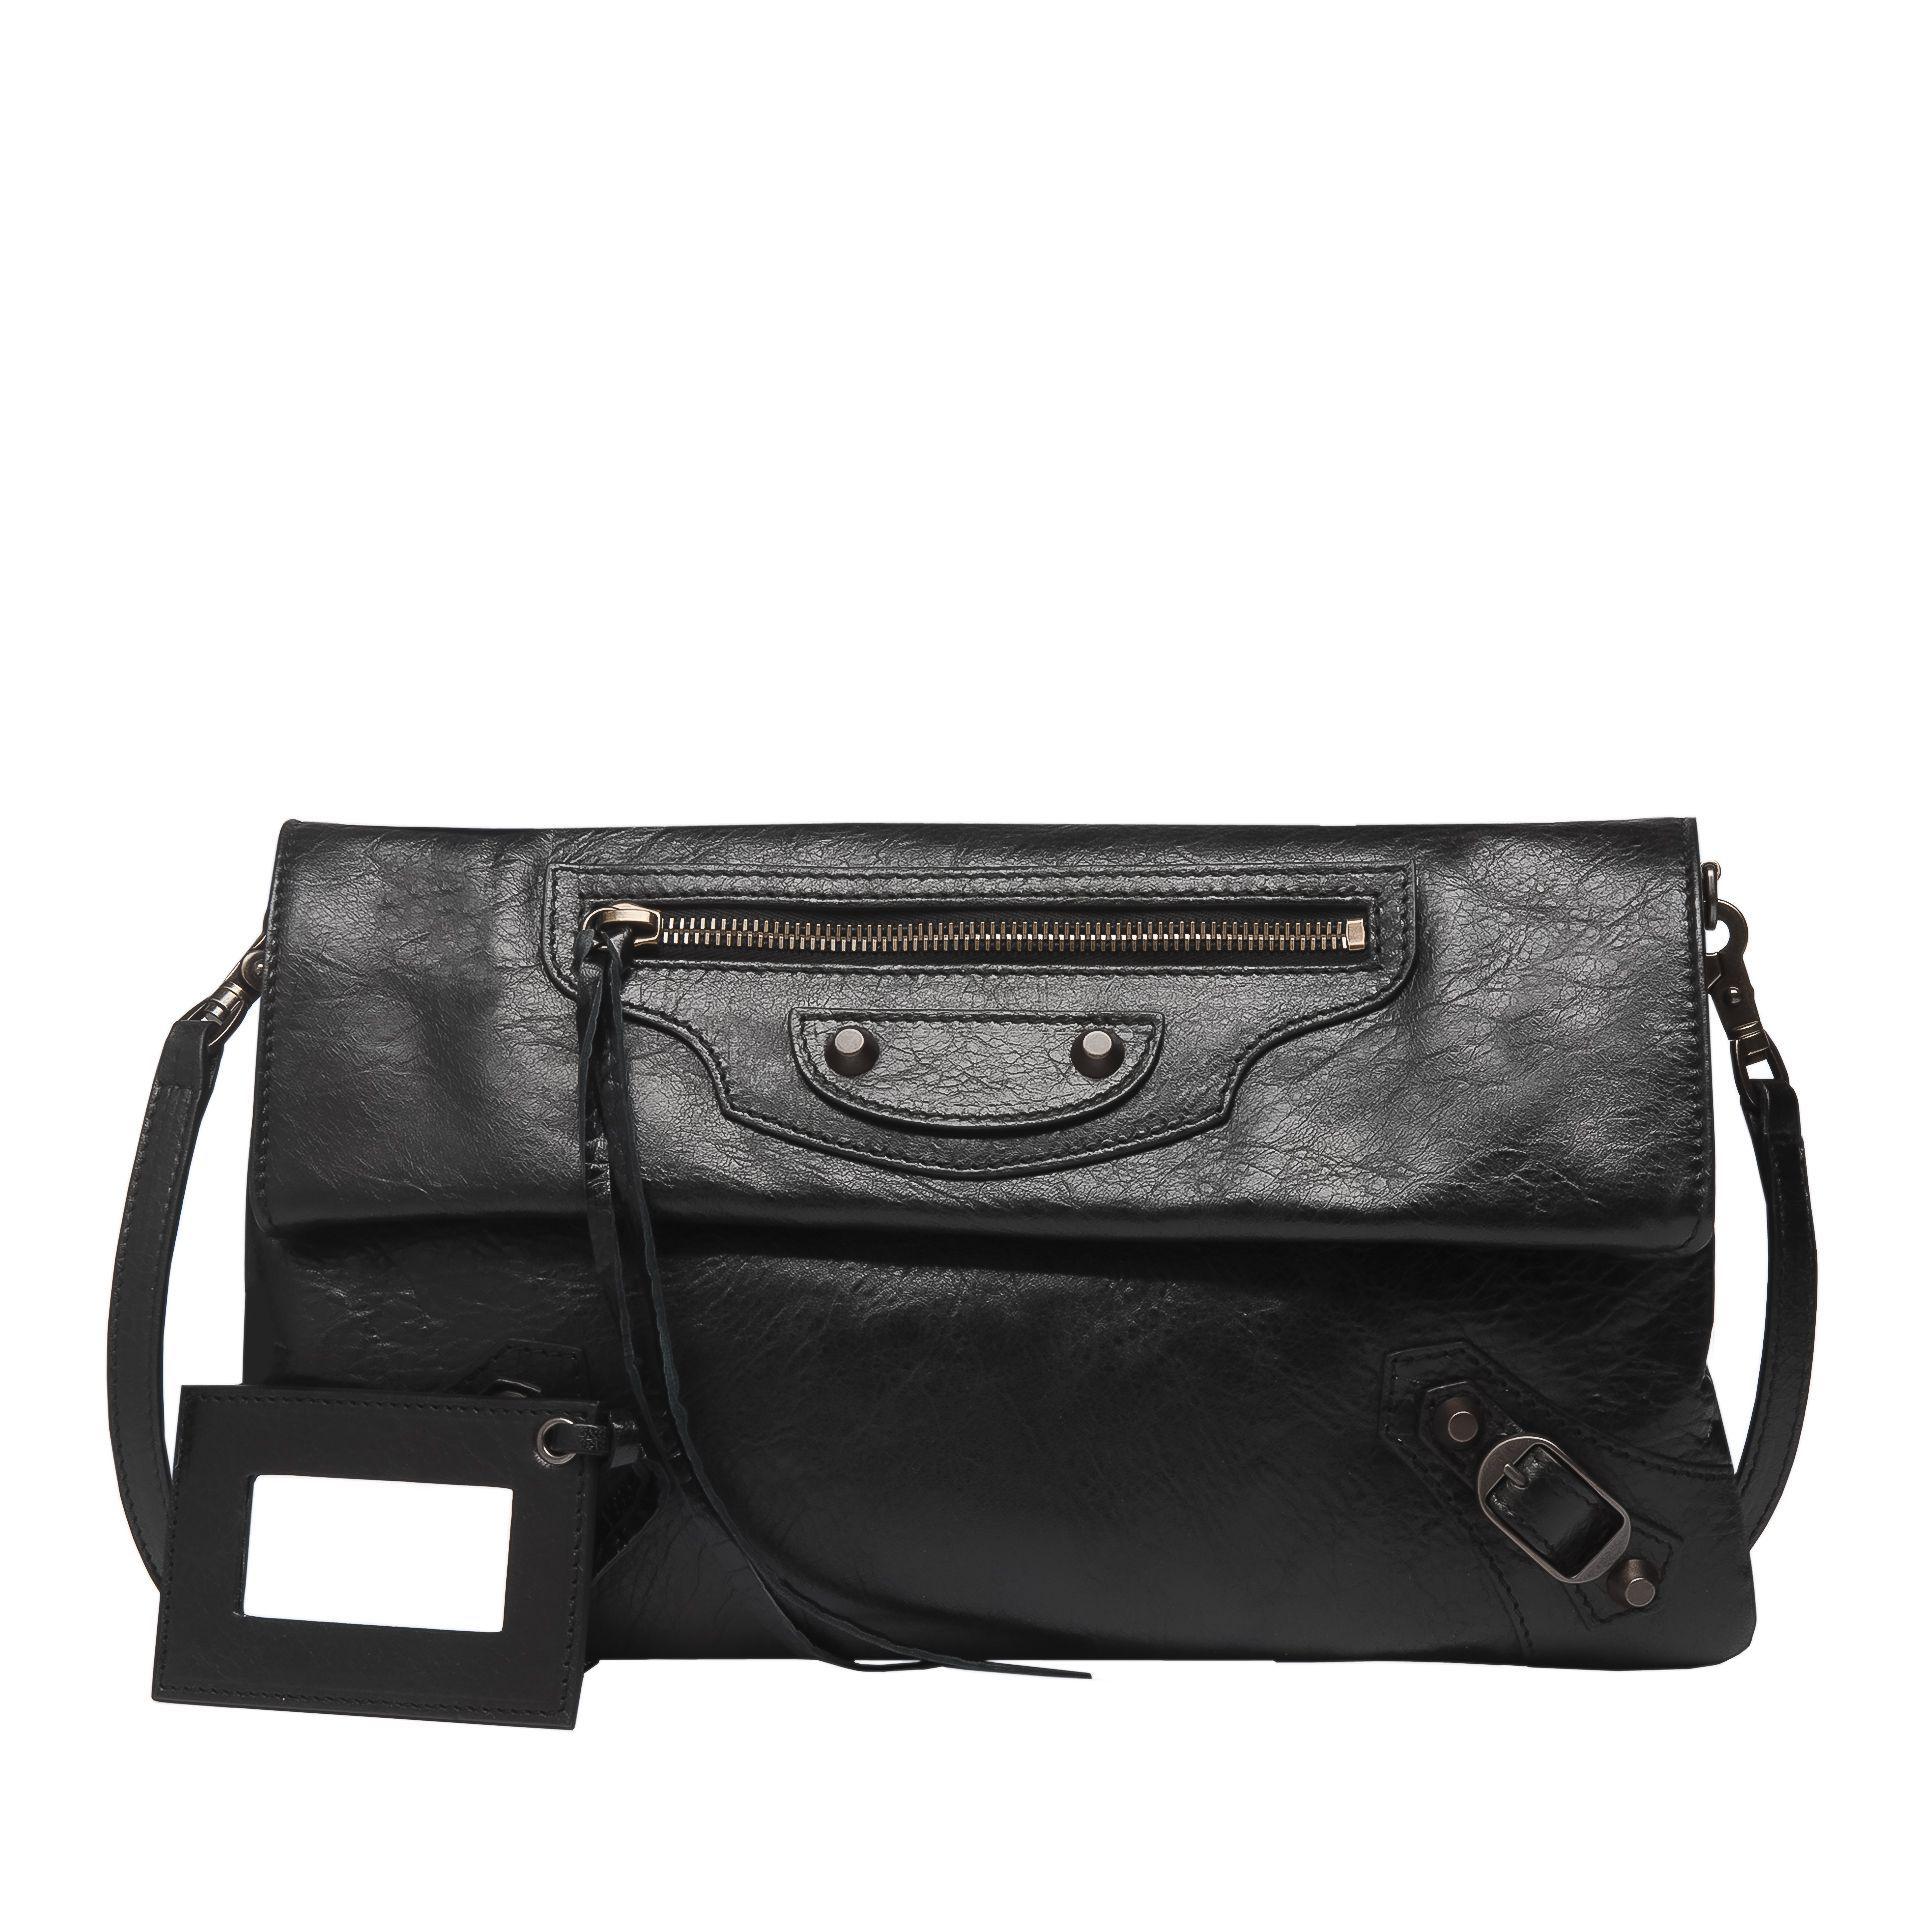 7bcf2d4409b4 Balenciaga Classic Envelope Strap Balenciaga - Clutches Women color Black - Handbags  Balenciaga